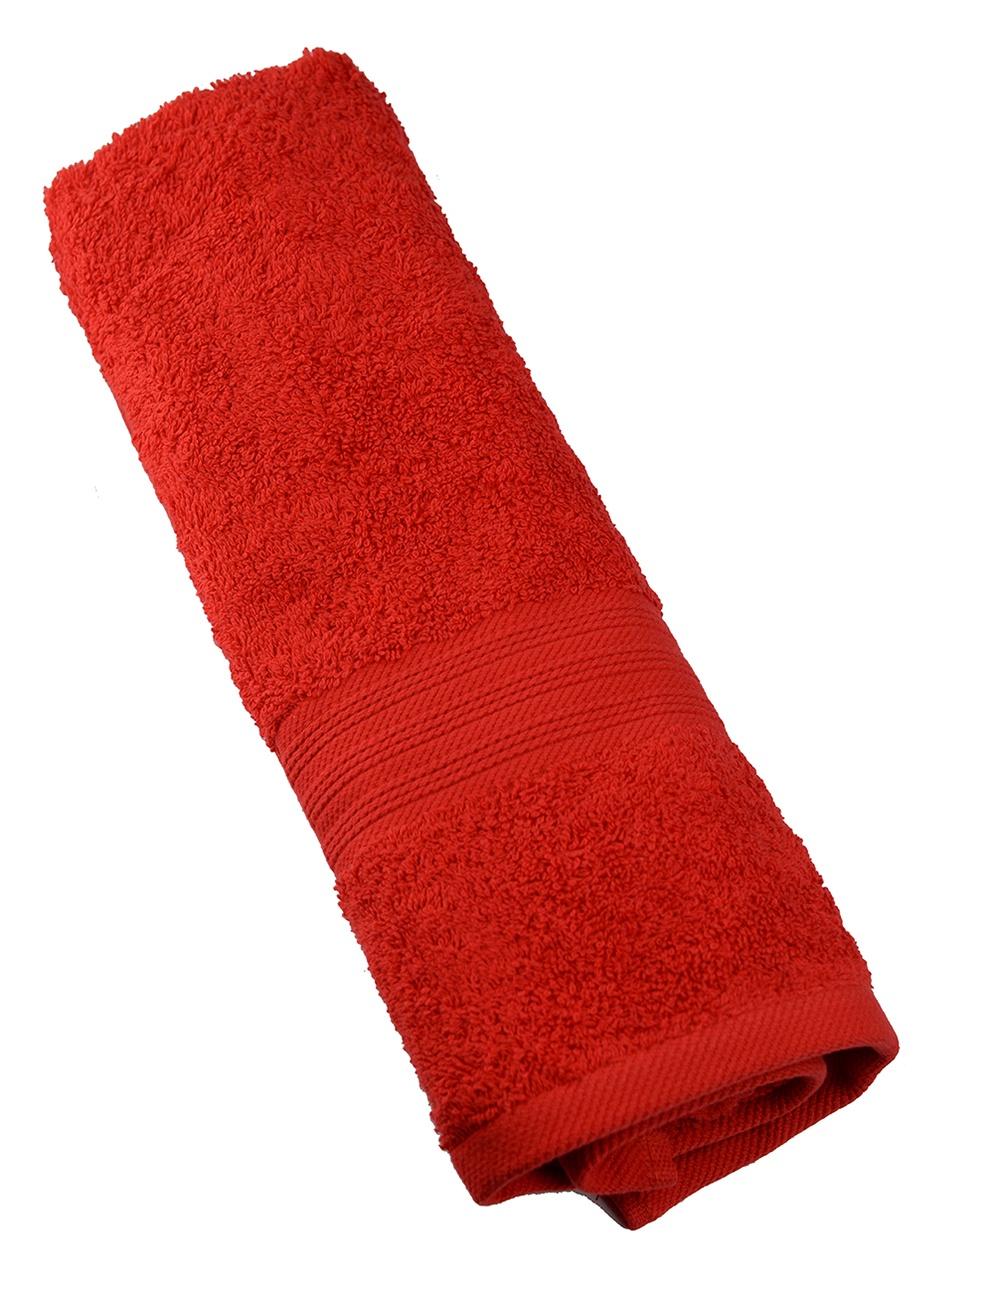 Полотенце махровое SEL, цвет: красный, 100х150 см. 2874